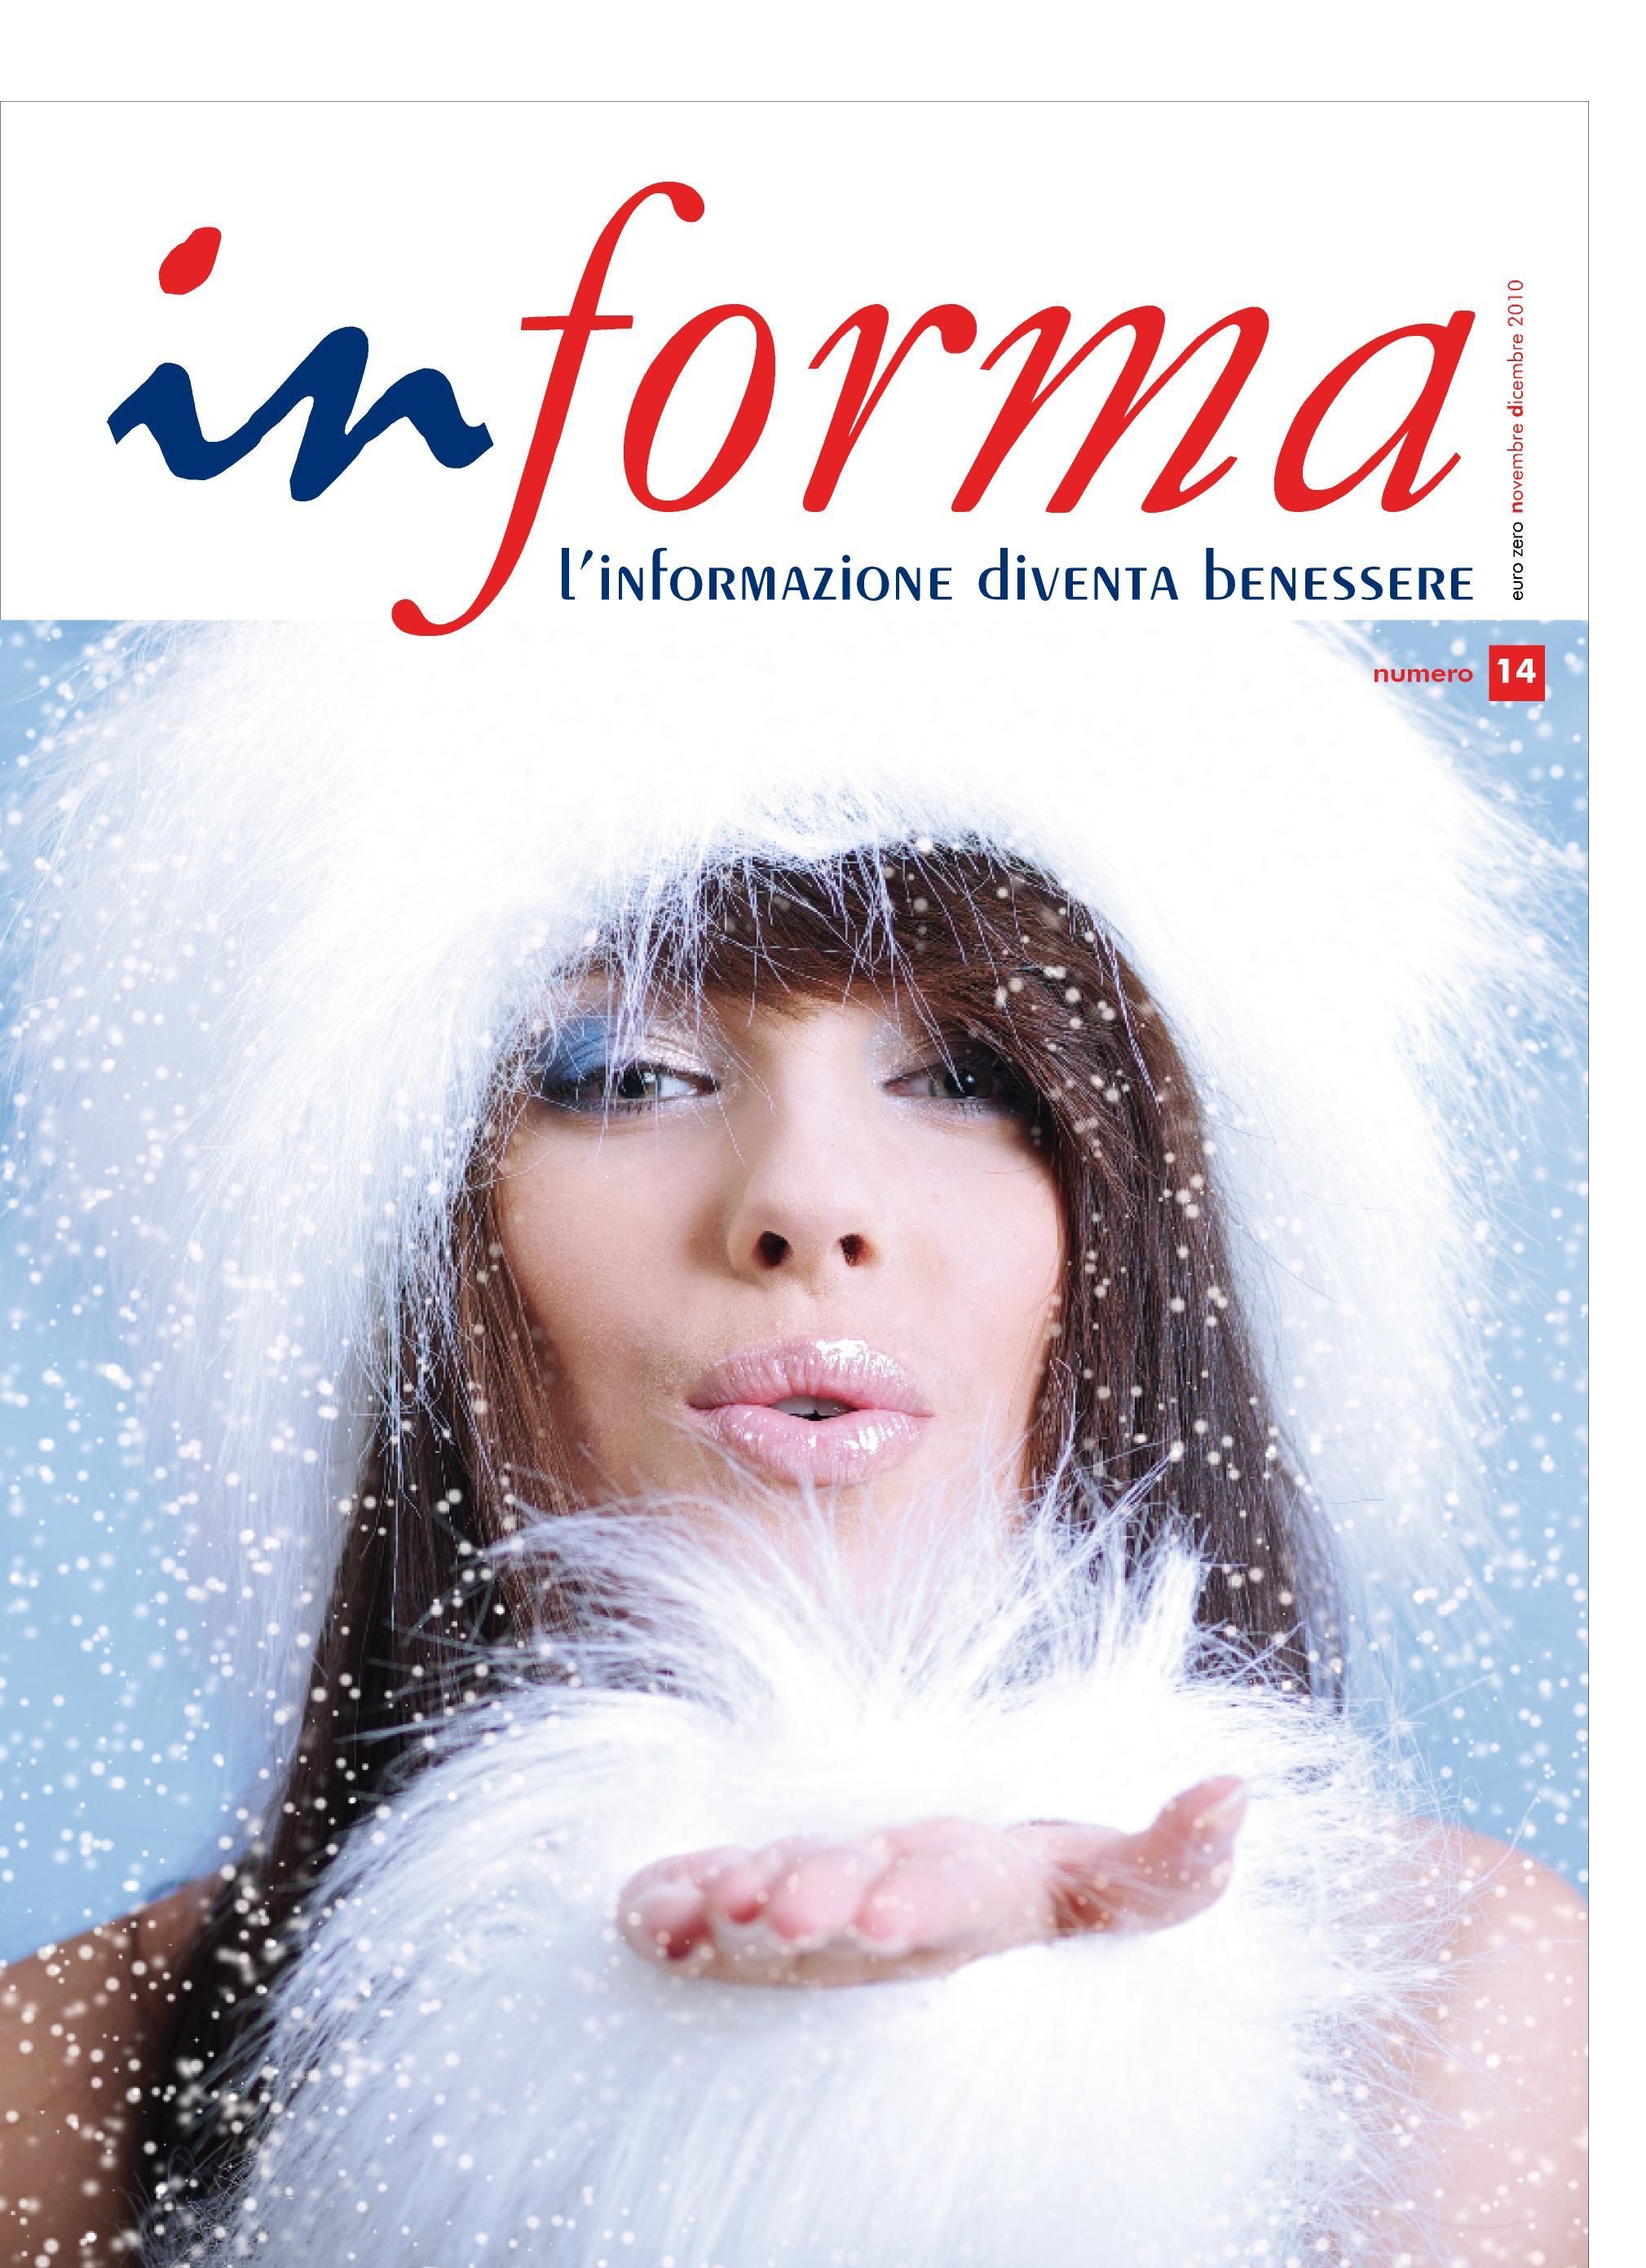 La copertina rappresenta una donna con i capelli lunghi scuri ed in testa una fascia bianca di pelo lungo che sta soffindo verso il lettore un batuffolo di peli bianchi